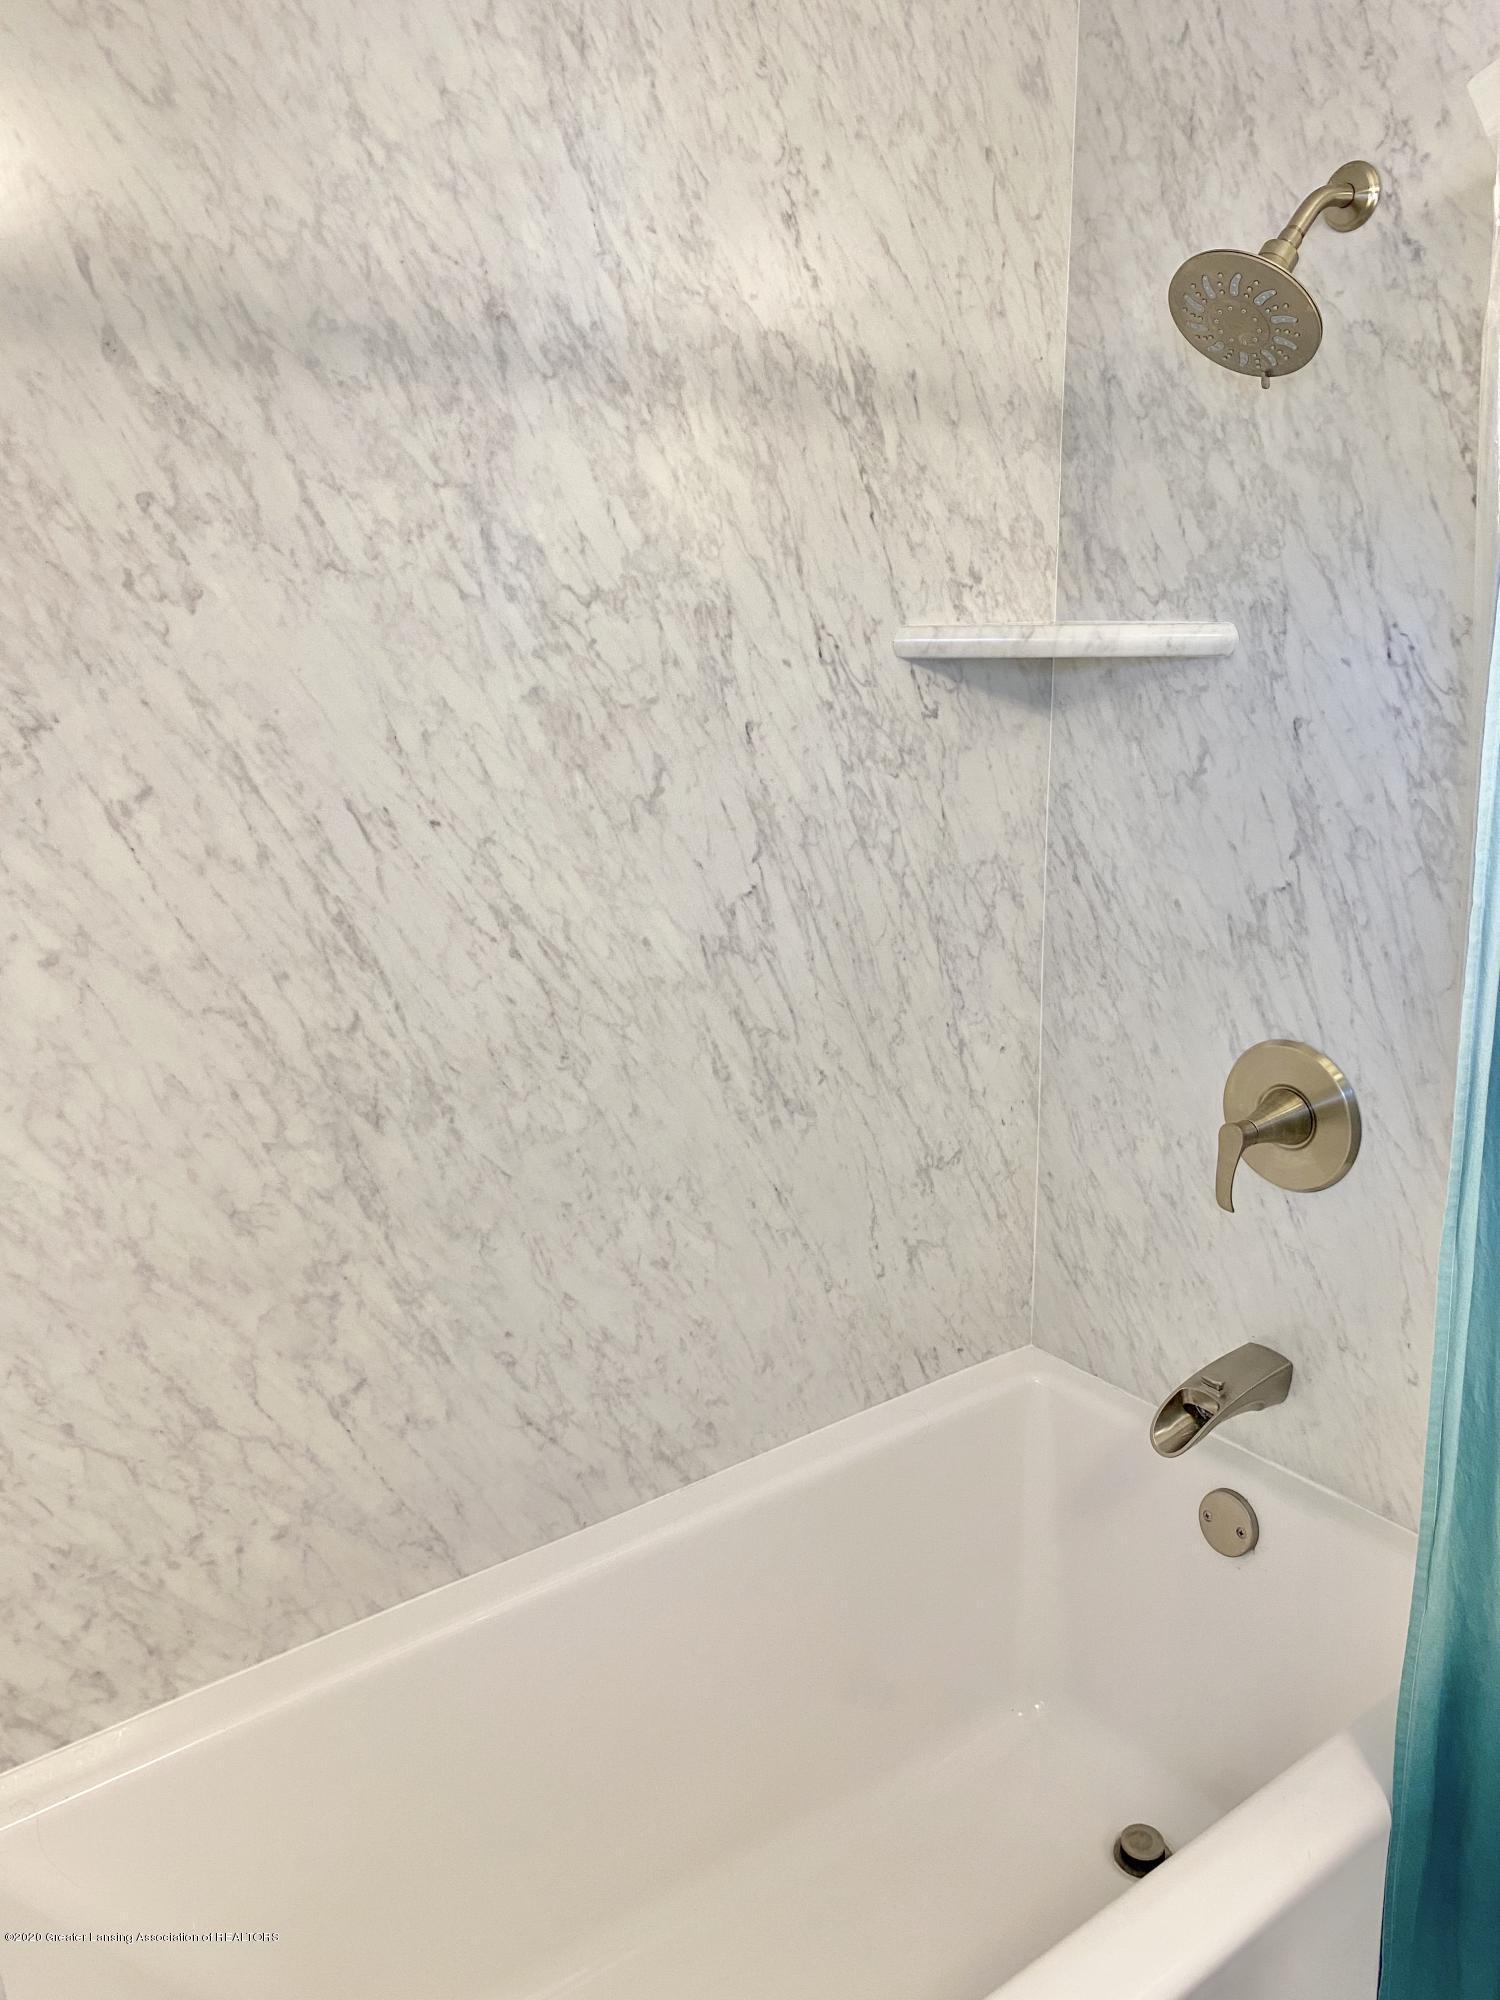 1313 Prospect St - Full Bathroom - 35